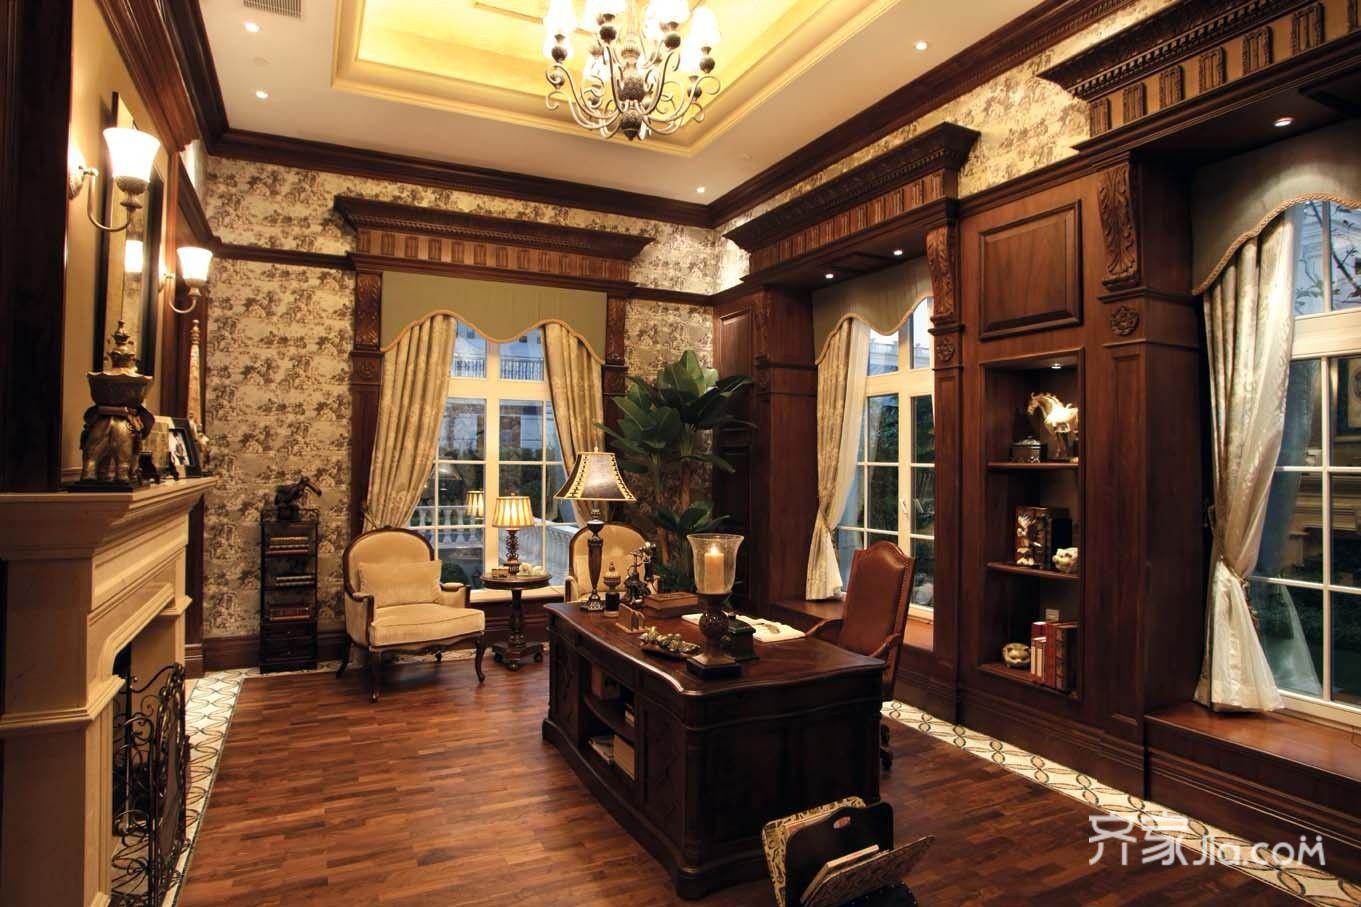 美式豪华别墅装修书房效果图